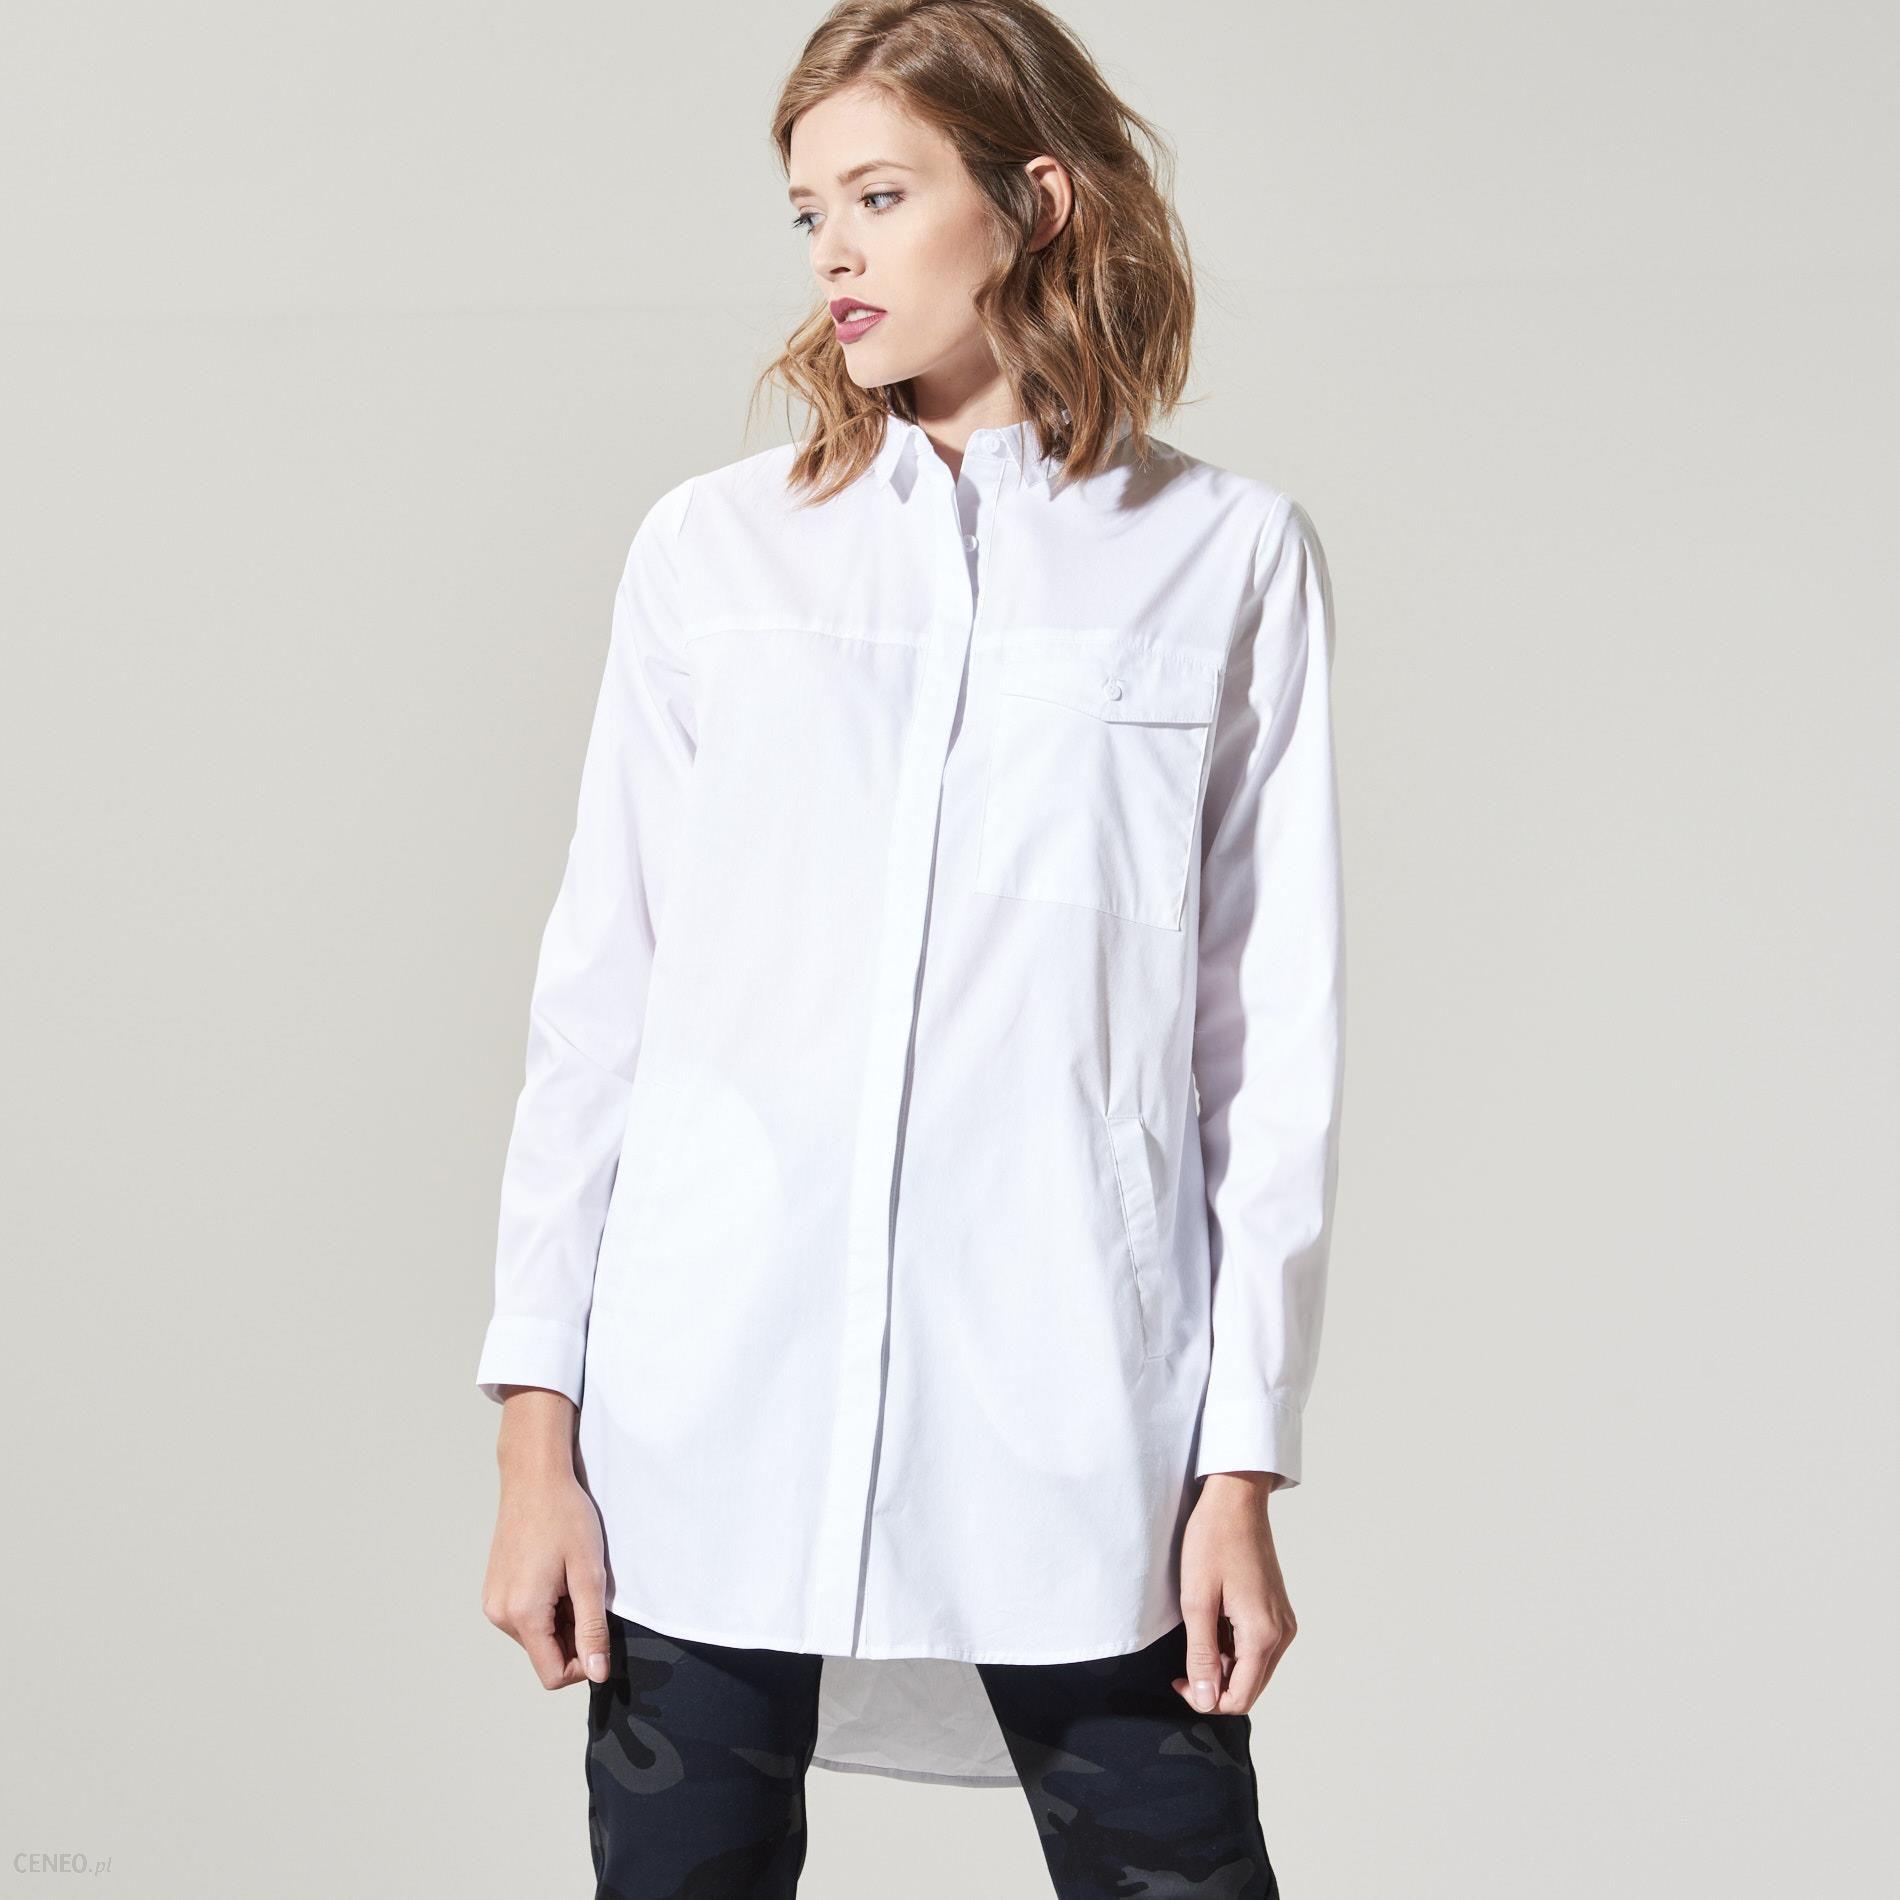 Długa koszula oversize Biały Białe koszule damskie